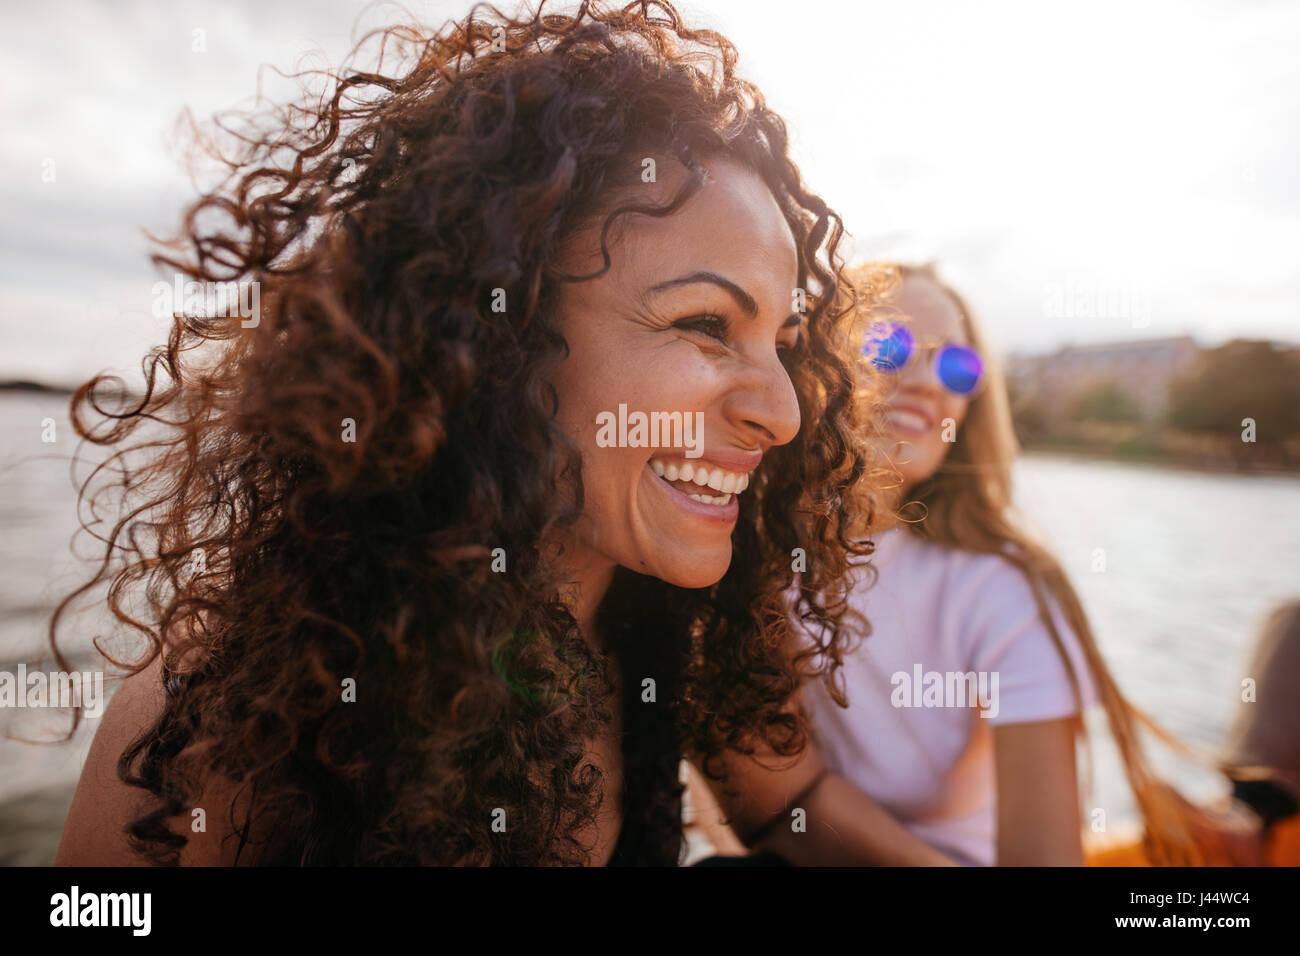 Schuss der fröhliche junge Frau im Freien mit Freundin im Hintergrund hautnah. Stockfoto